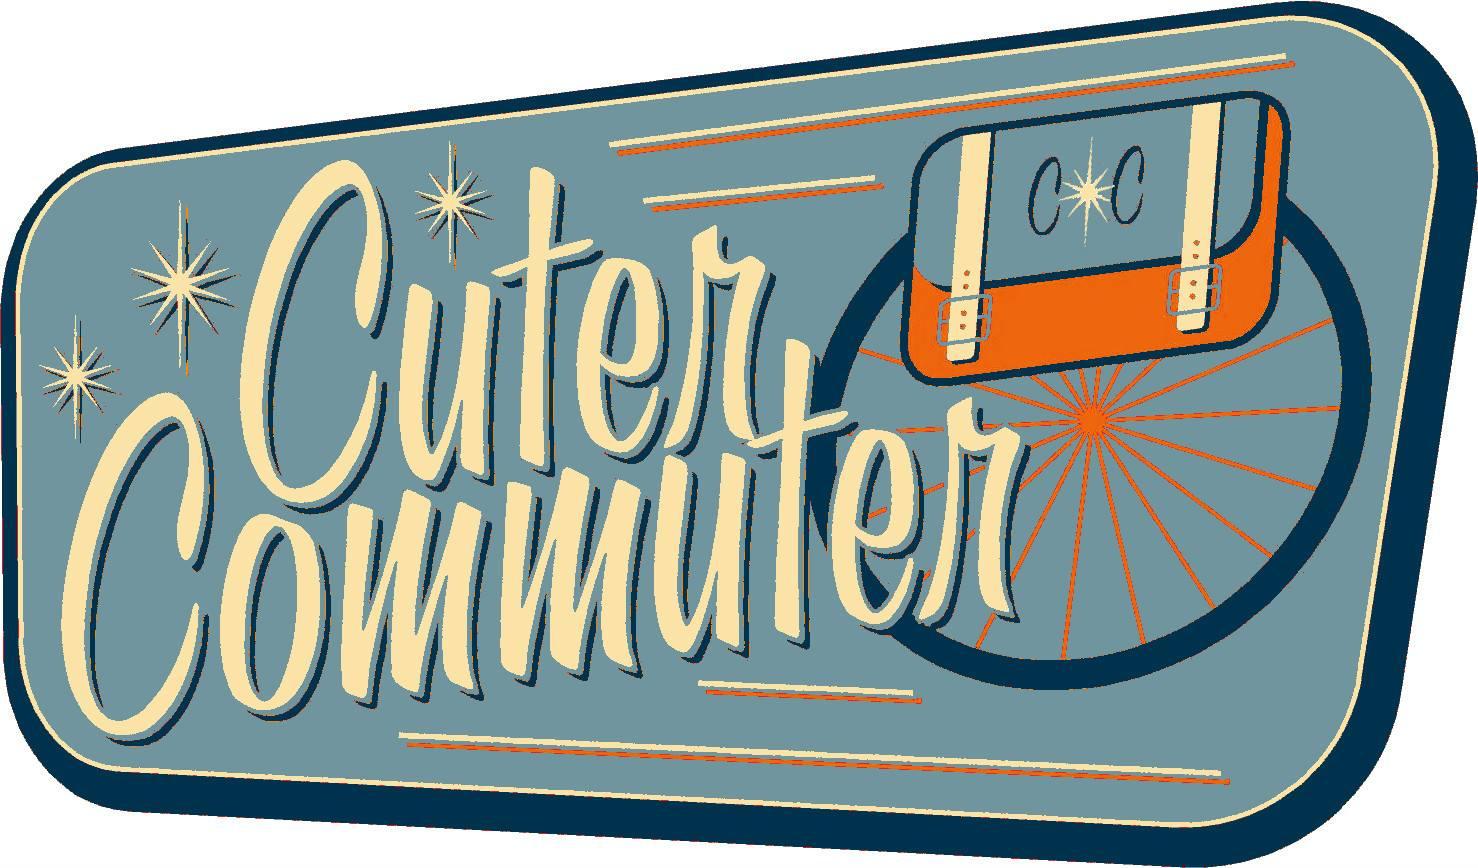 cutercommuter_logo.jpg